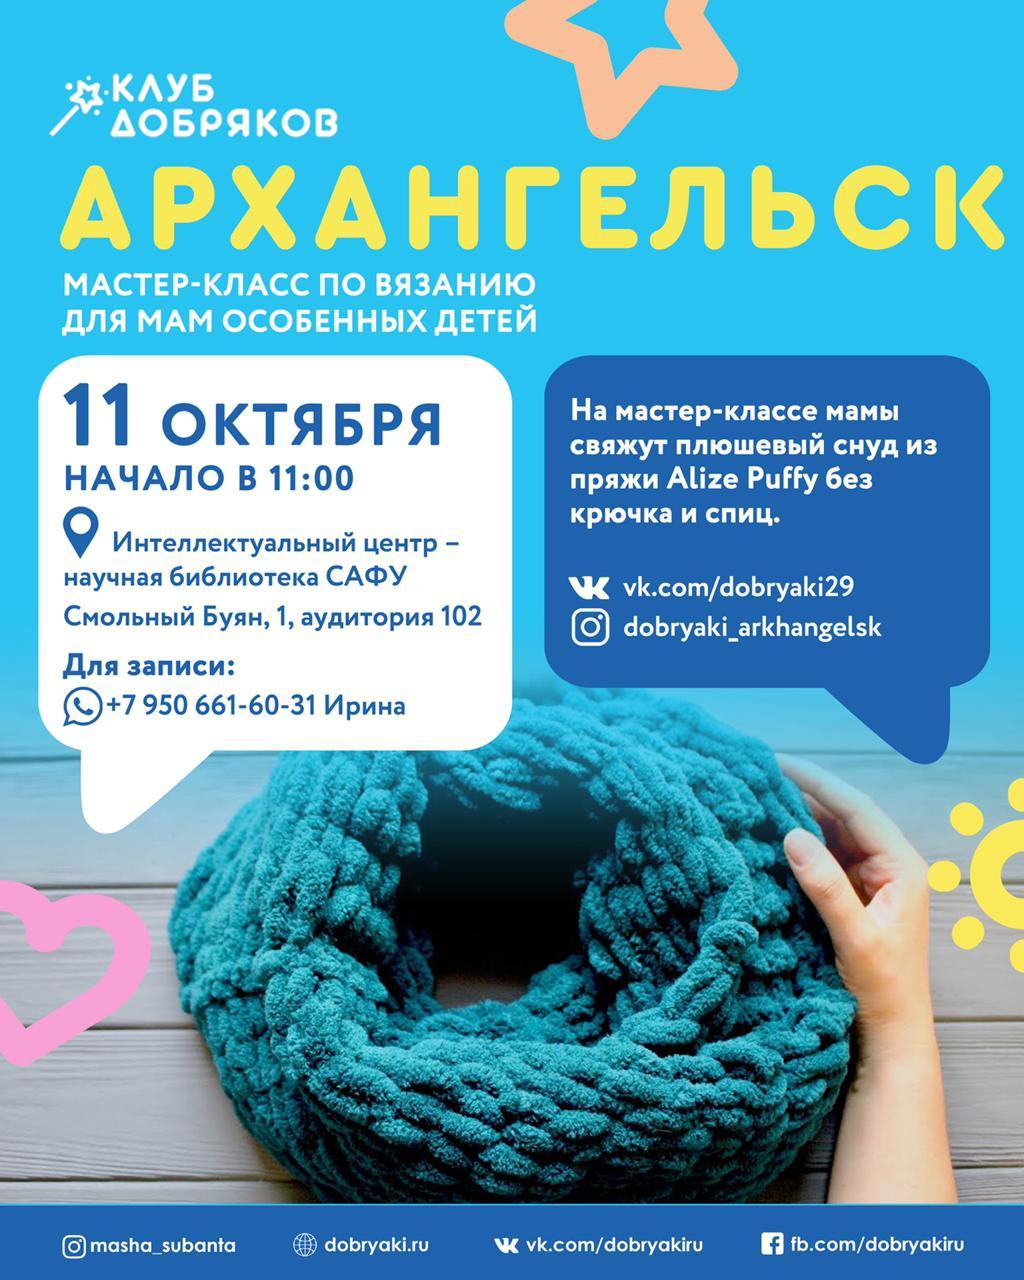 В Архангельске пройдет мастер-класс по вязанию для особенных мам